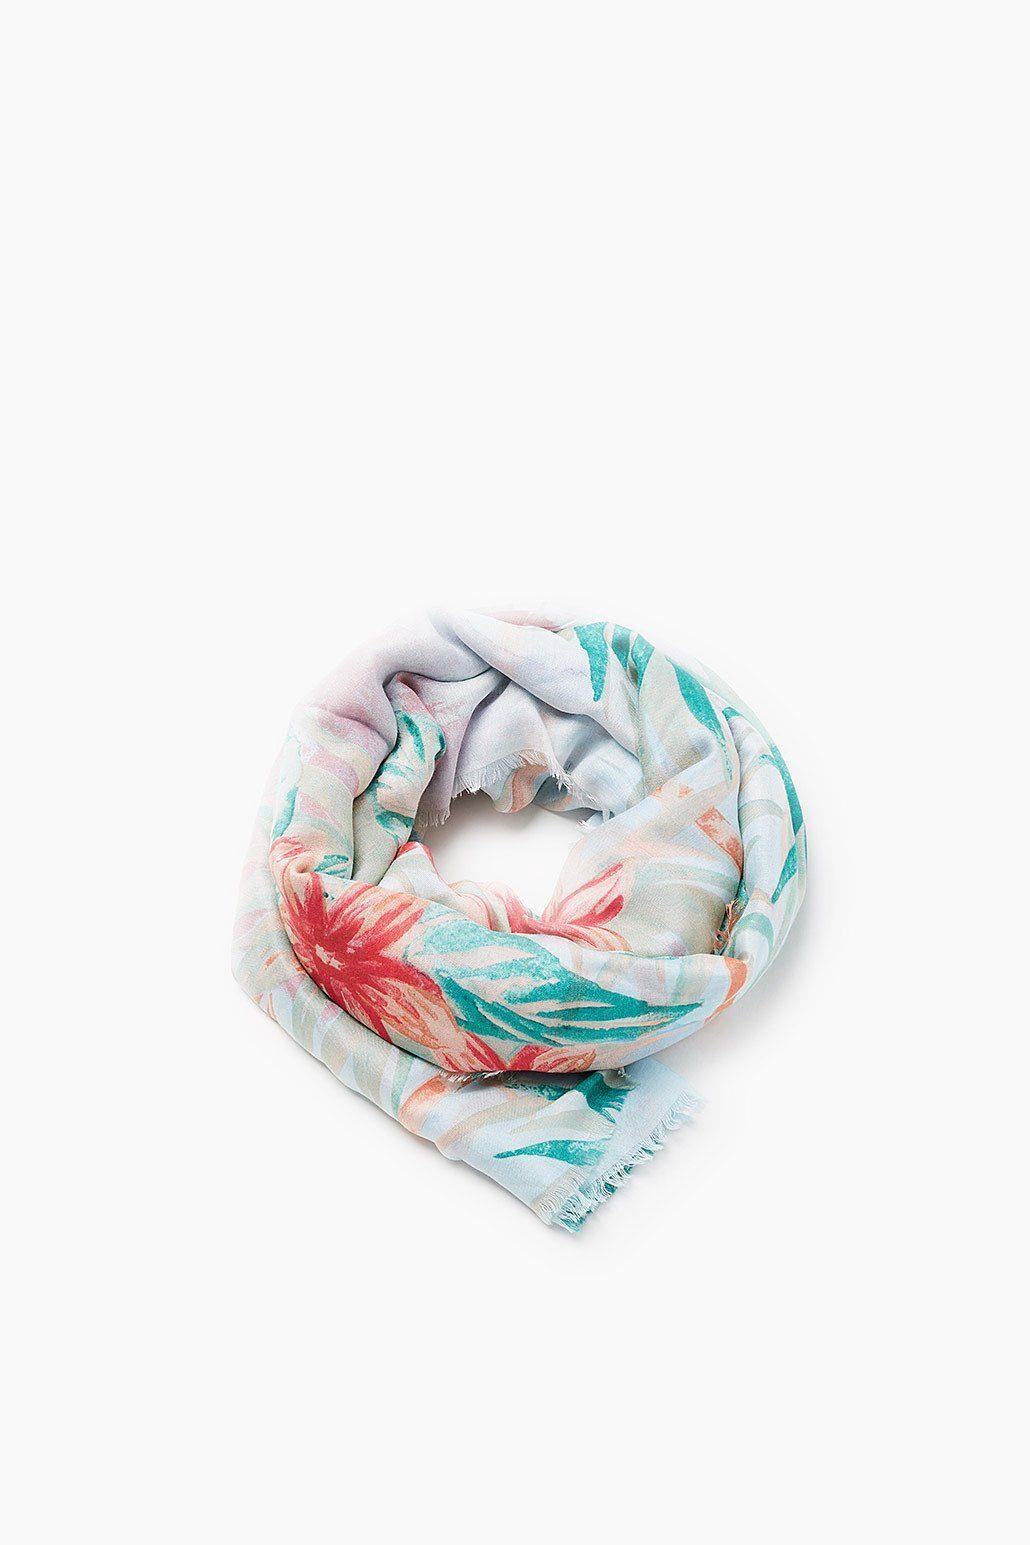 ESPRIT CASUAL Fließender Oversize-Schal mit Print